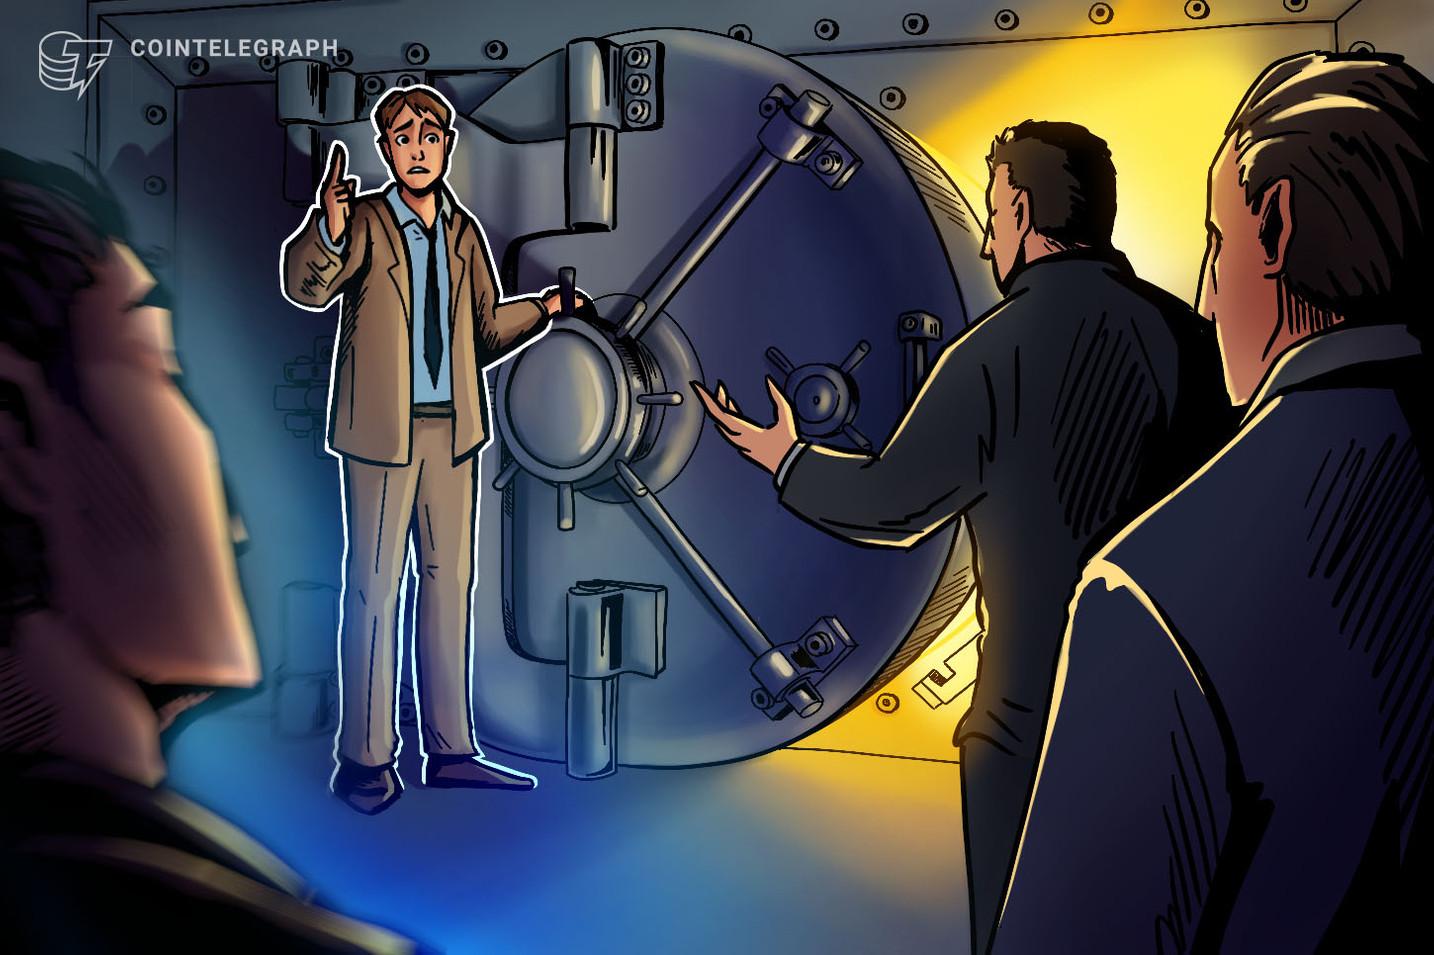 URGENTE: Exchange Poloniex confirma vazamento de dados após 'enviar e-mail estranho' aos clientes